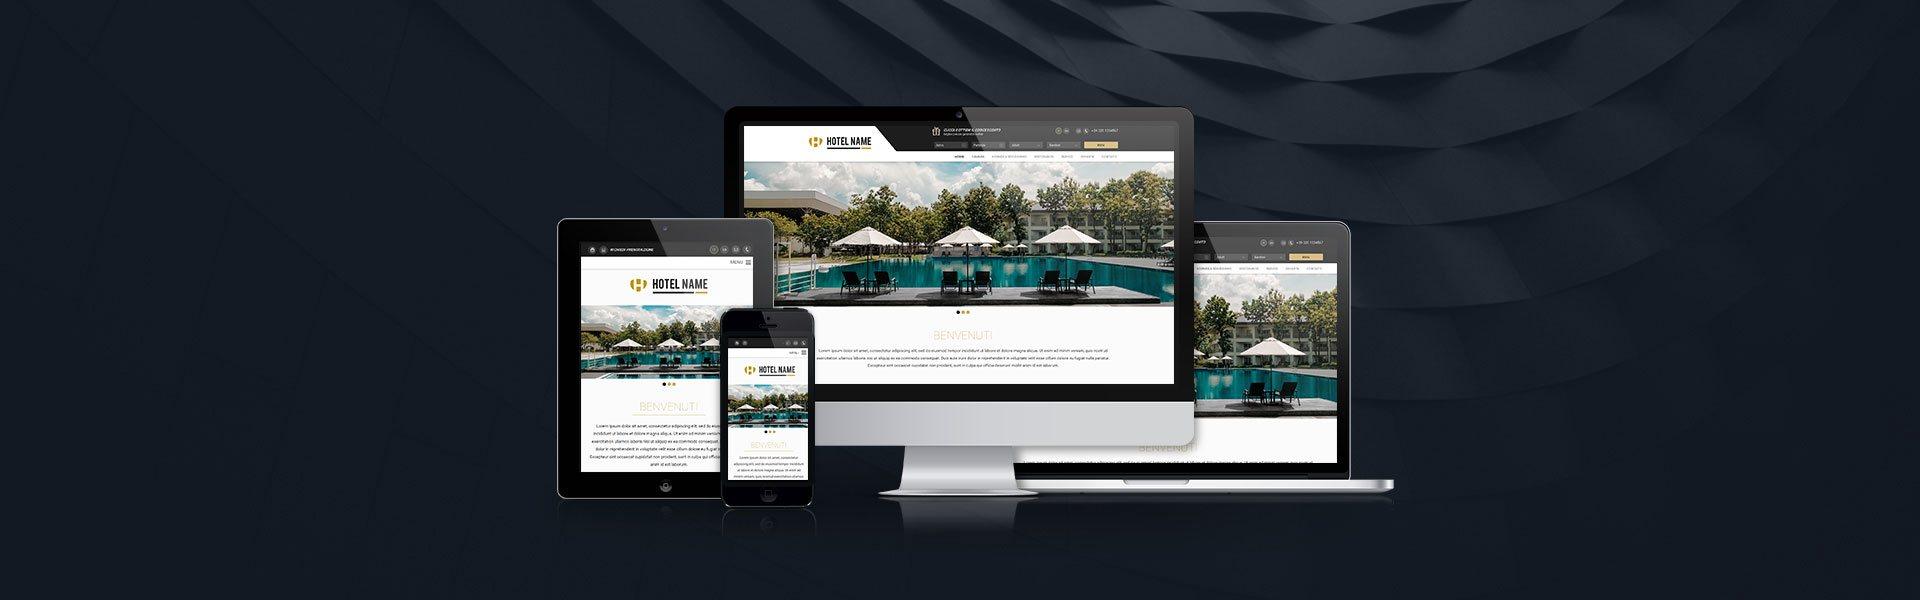 sito web hotel